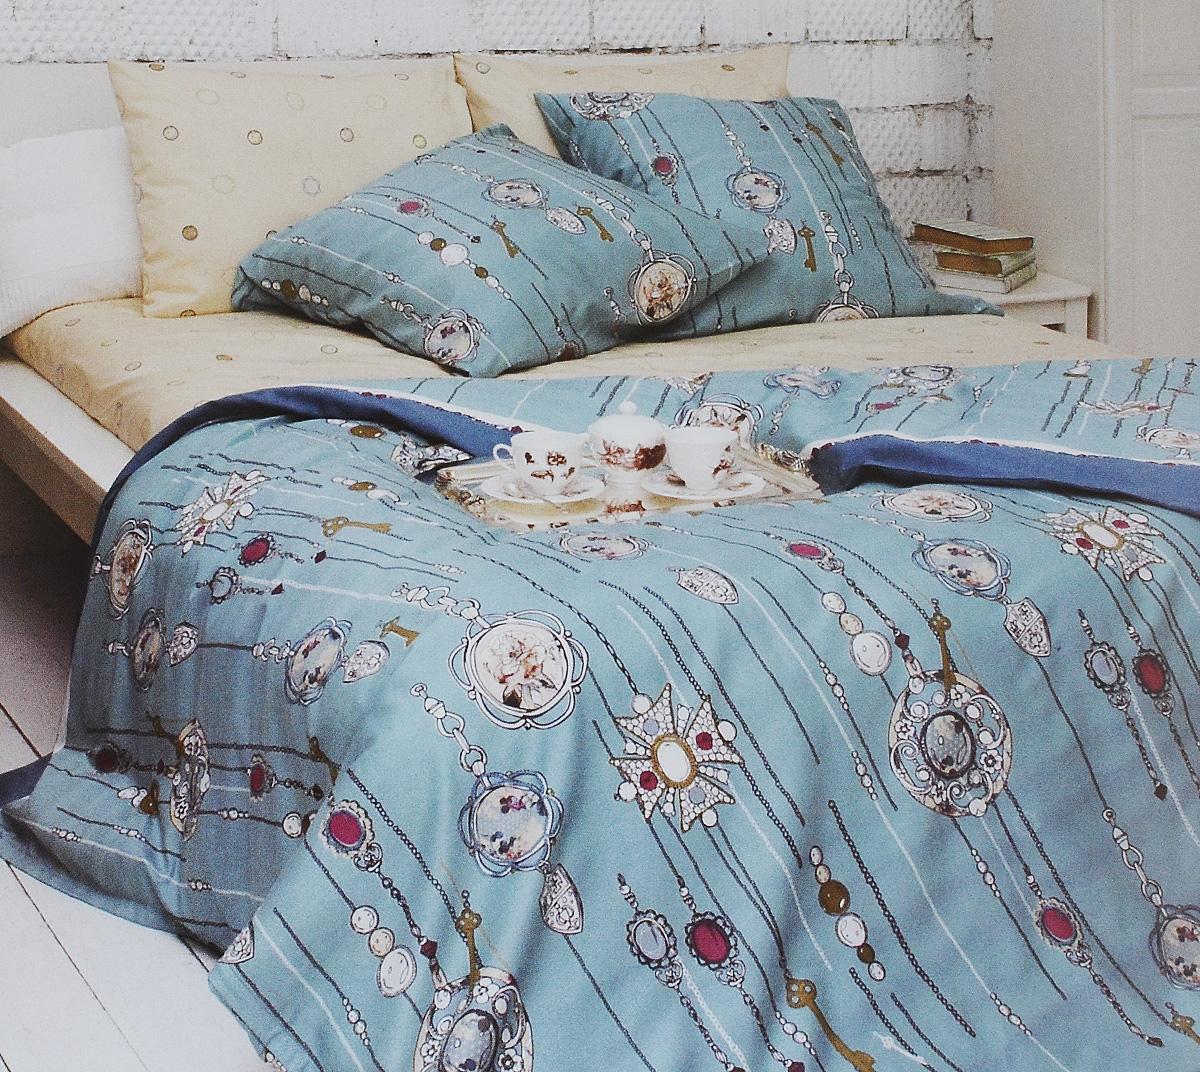 Комплект белья Tiffanys Secret, 1,5-спальный, наволочки 50х70, цвет: бирюзовый, белый, бежевый2040815157Комплект постельного белья Tiffanys Secret является экологически безопасным для всей семьи, так как выполнен из сатина (100% хлопок). Комплект состоит из пододеяльника, простыни и двух наволочек. Предметы комплекта оформлены оригинальным рисунком. Благодаря такому комплекту постельного белья вы сможете создать атмосферу уюта и комфорта в вашей спальне. Сатин - это ткань, навсегда покорившая сердца человечества. Ценившие роскошь персы называли ее атлас, а искушенные в прекрасном французы - сатин. Секрет высококачественного сатина в безупречности всего технологического процесса. Эту благородную ткань делают только из отборной натуральной пряжи, которую получают из самого лучшего тонковолокнистого хлопка. Благодаря использованию самой тонкой хлопковой нити получается необычайно мягкое и нежное полотно. Сатиновое постельное белье превращает жаркие летние ночи в прохладные и освежающие, а холодные зимние - в теплые и согревающие. Сатин очень...